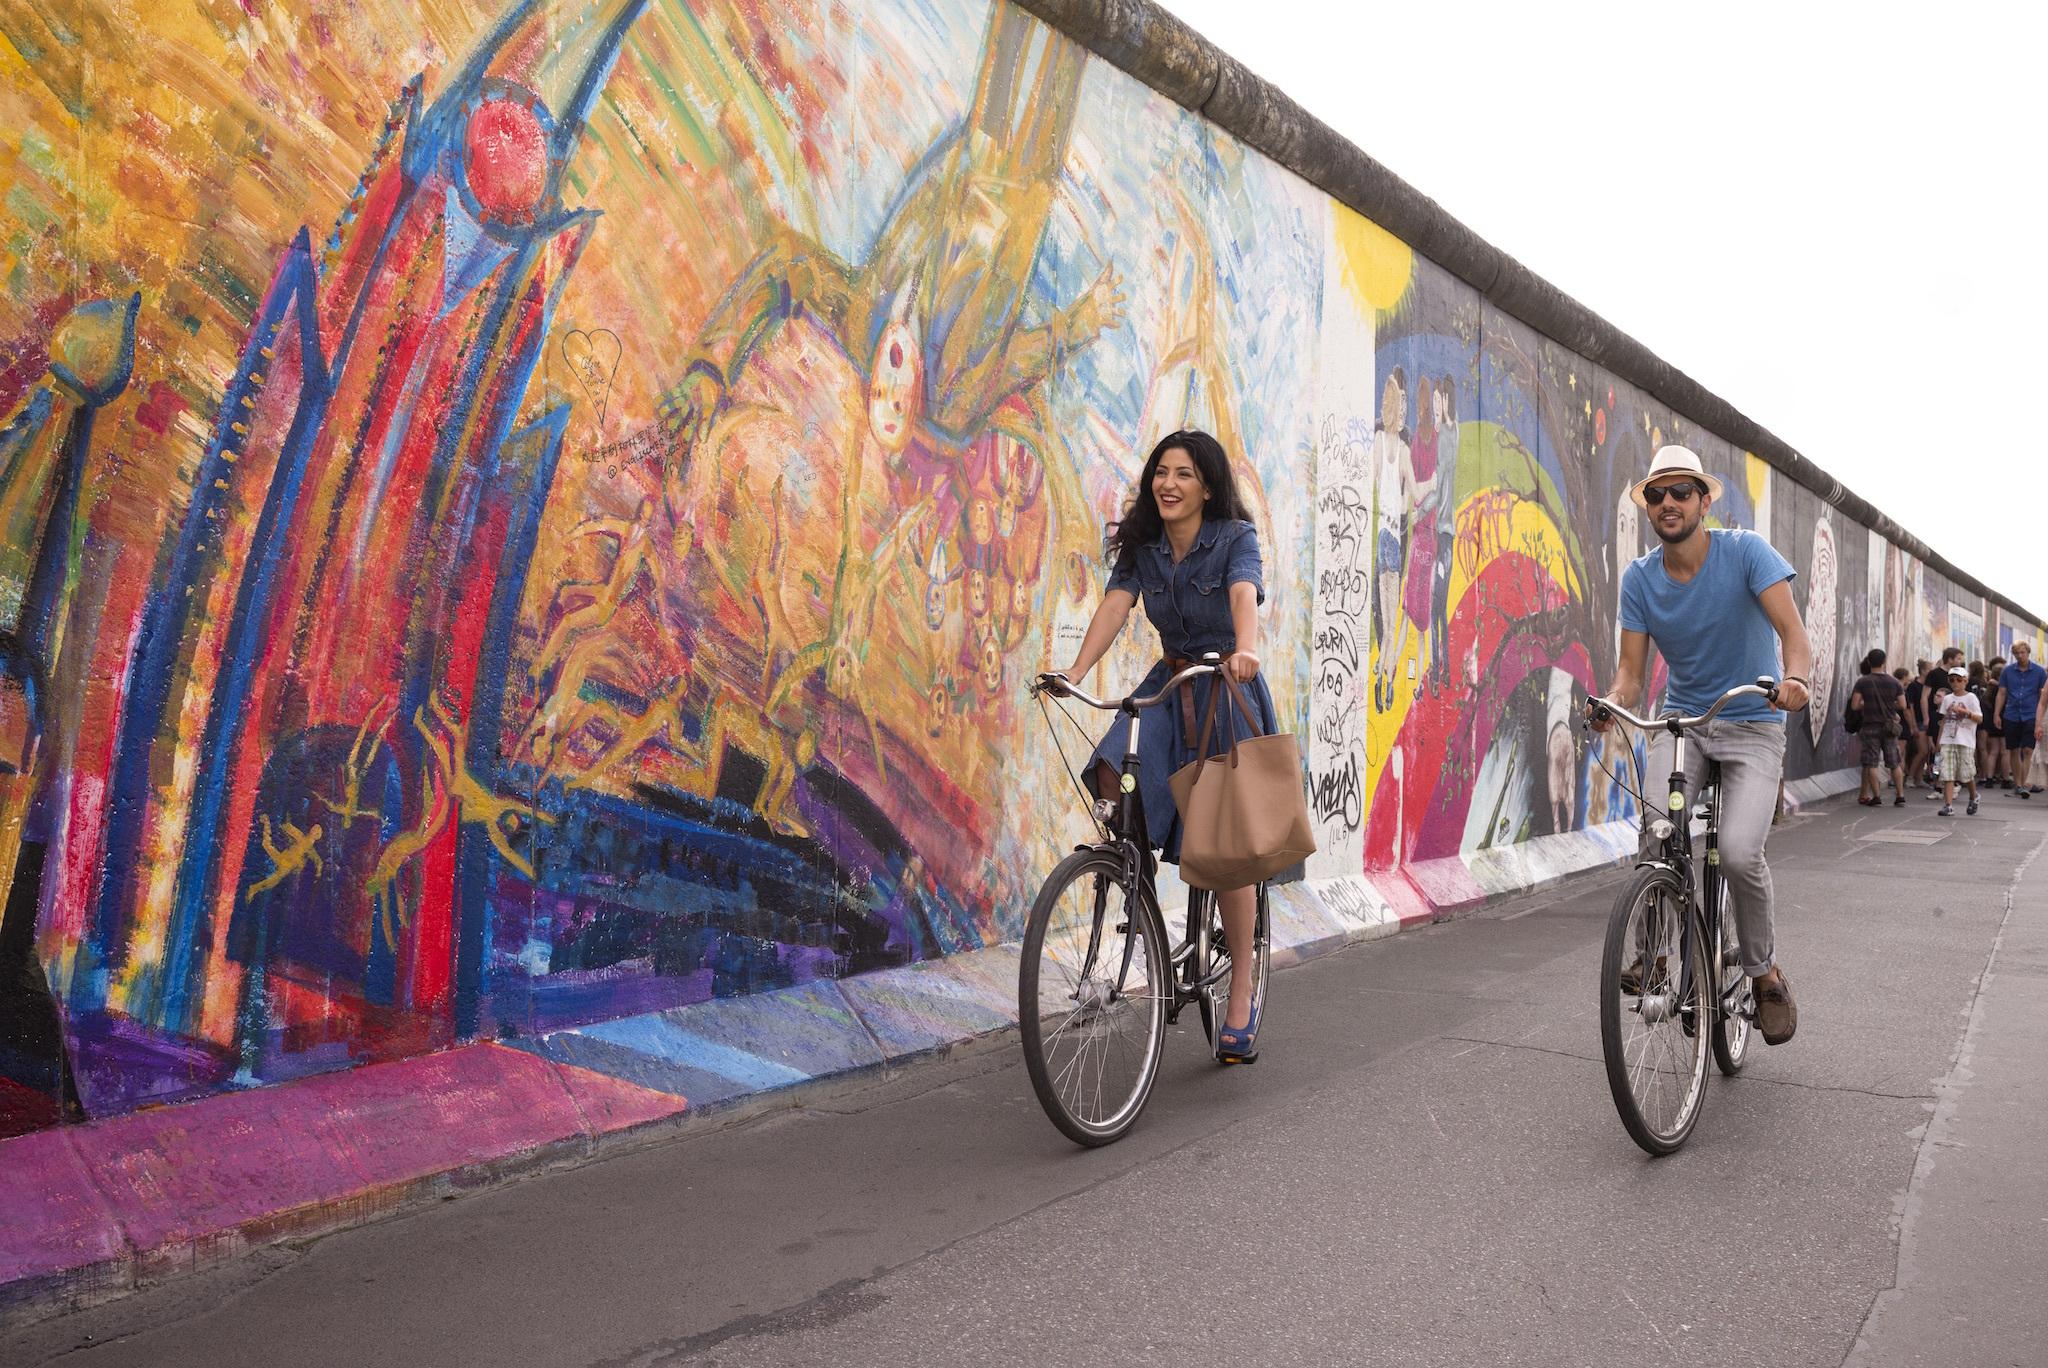 spanische turisten in berlin. modelle: (weeiblich) tina Tabiei Razligh, (männlich) Ricardo Grijalva Russelmann